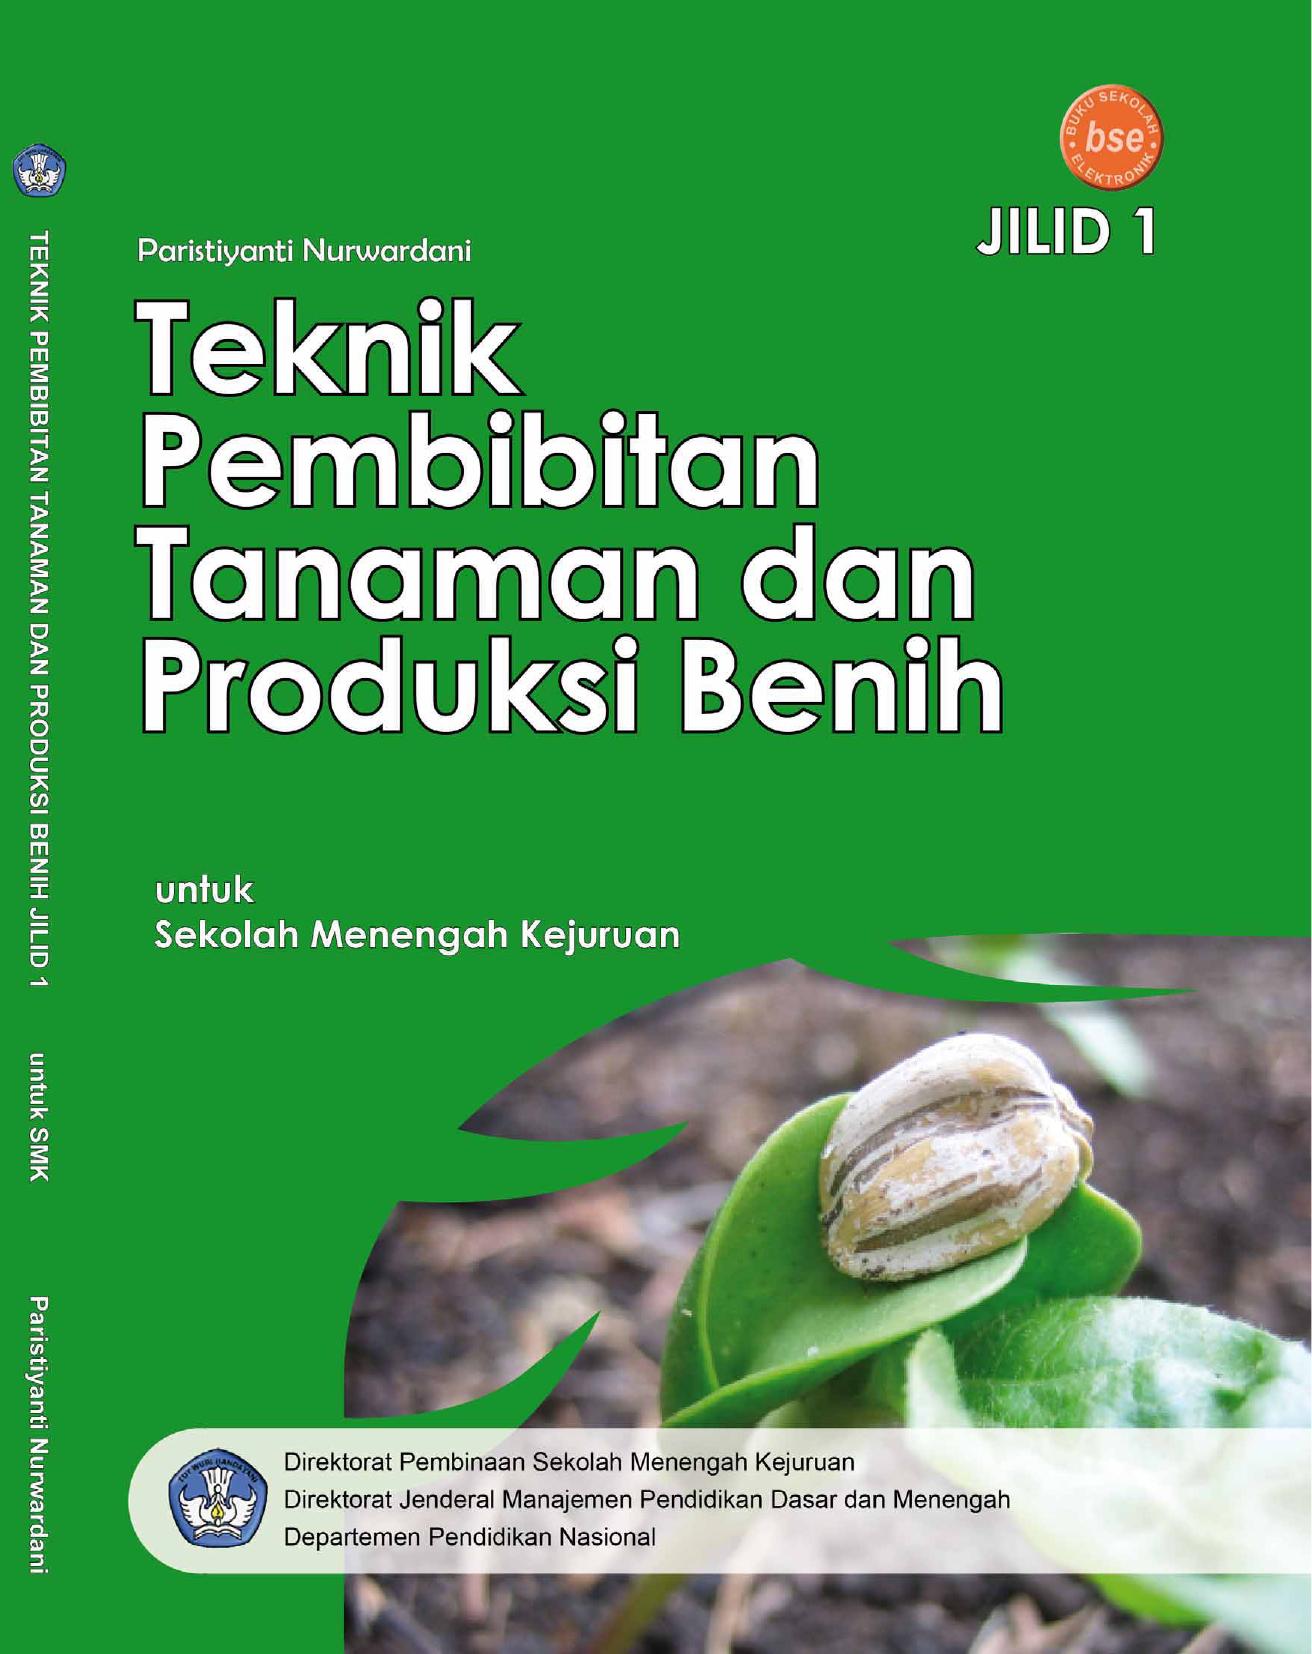 Teknik Pembibitan Tanaman Dan Produksi